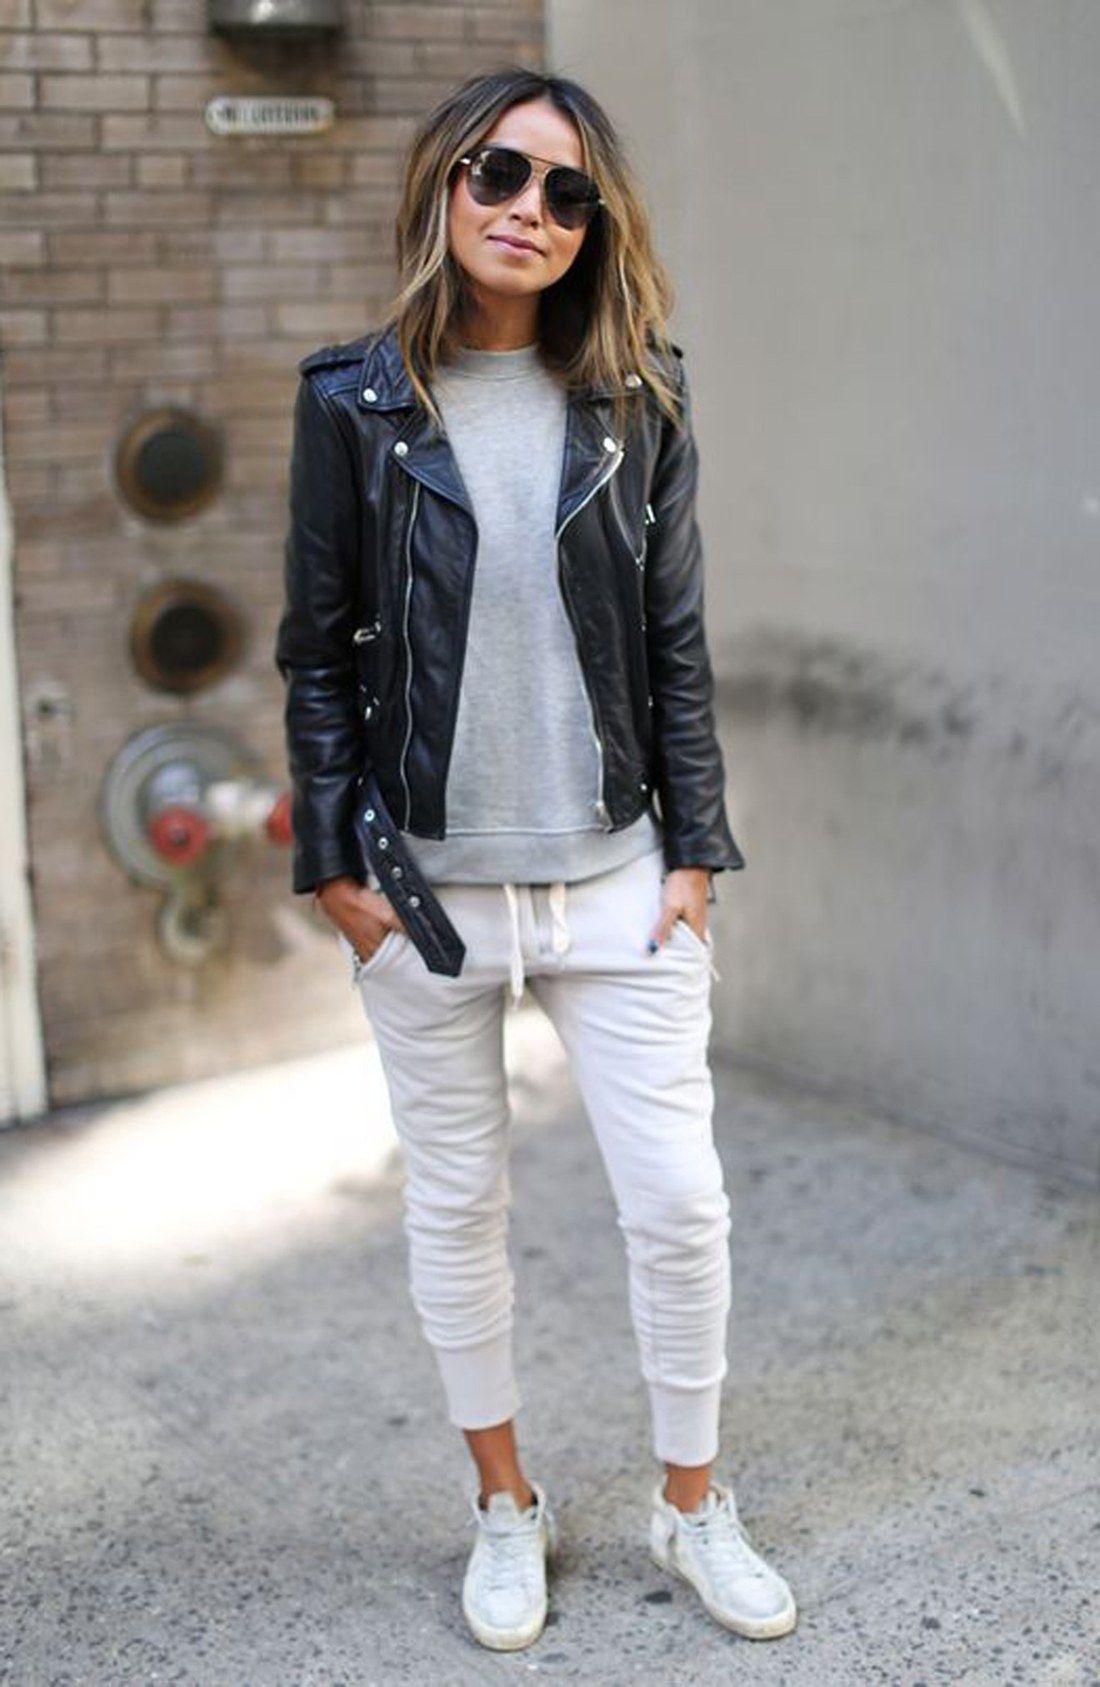 af58d1bda35  Lux  Skinny Cotton Jogger Pants.